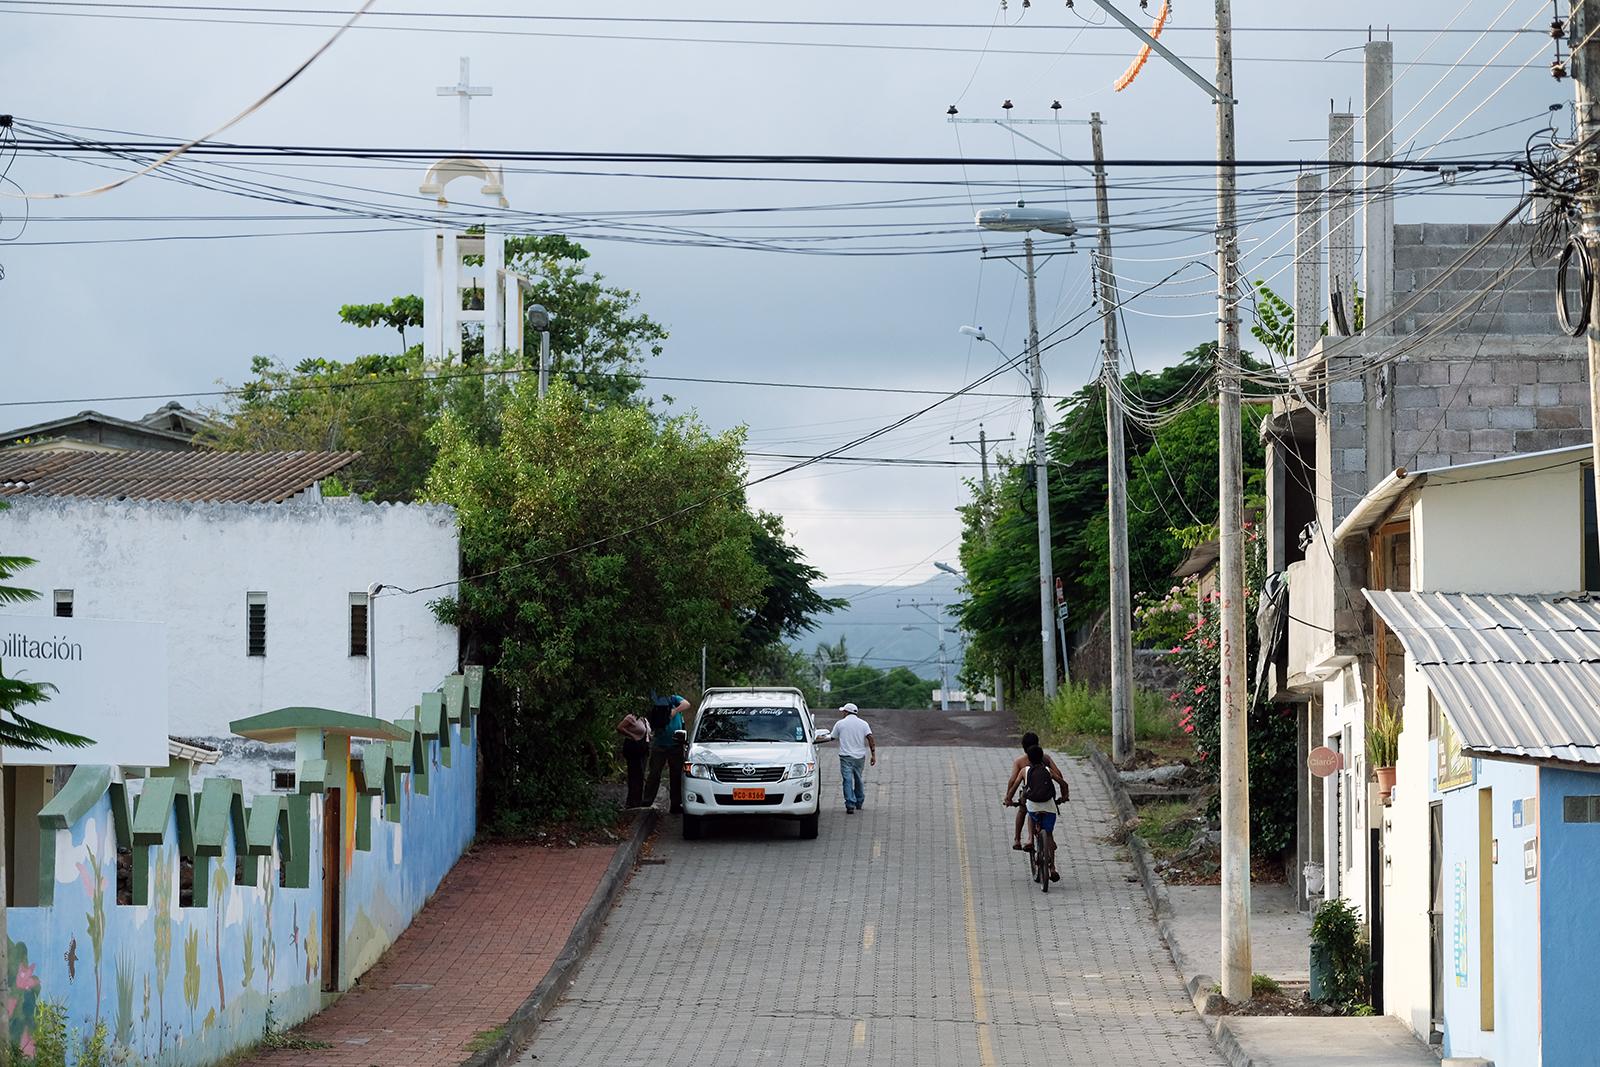 Santa_Cruz_02.JPG